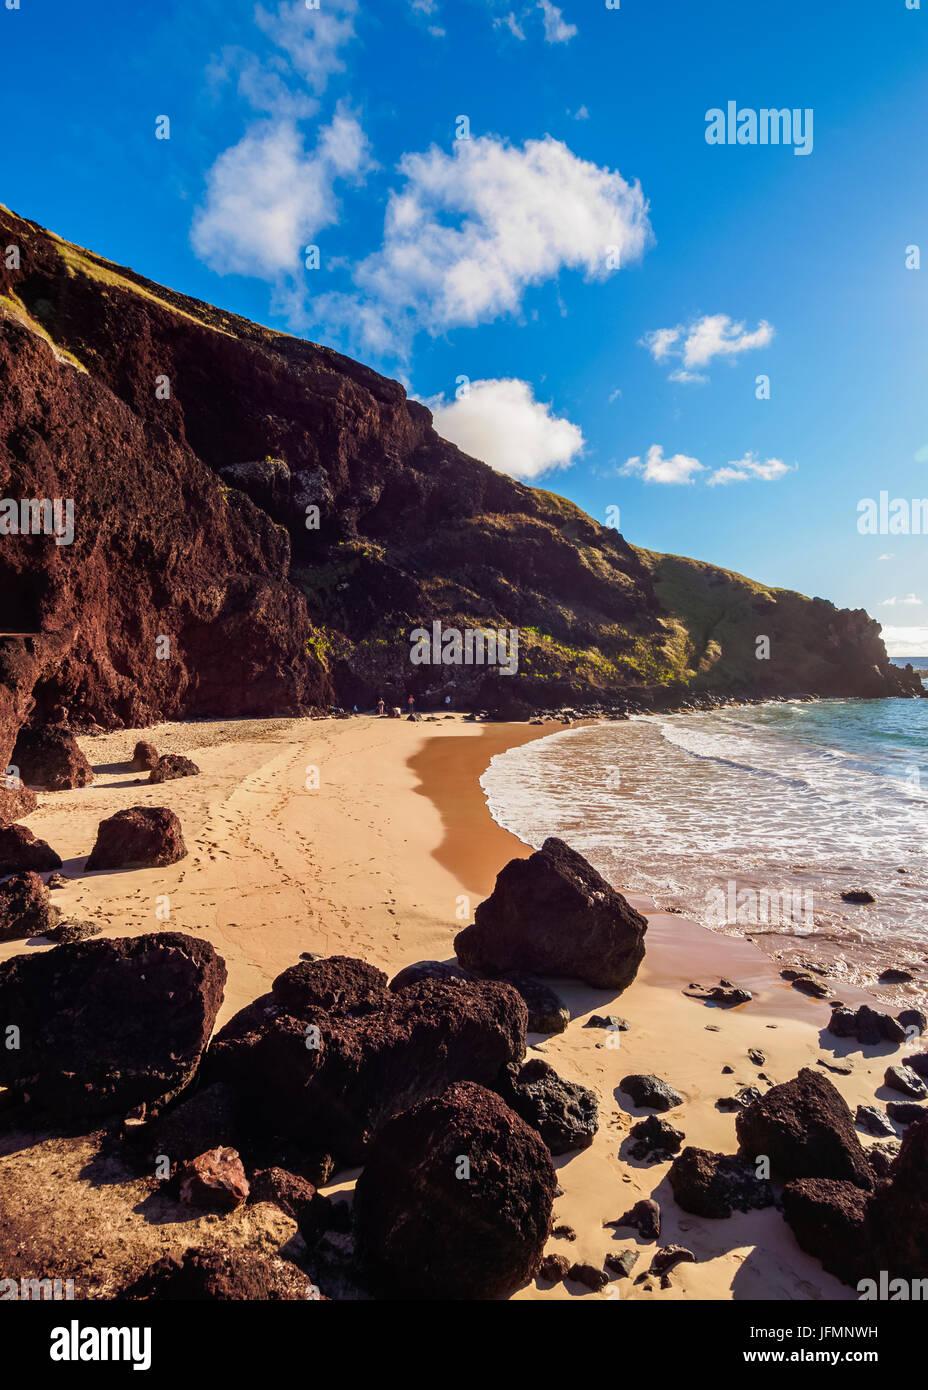 Ovahe Beach, l'isola di pasqua, Cile Immagini Stock